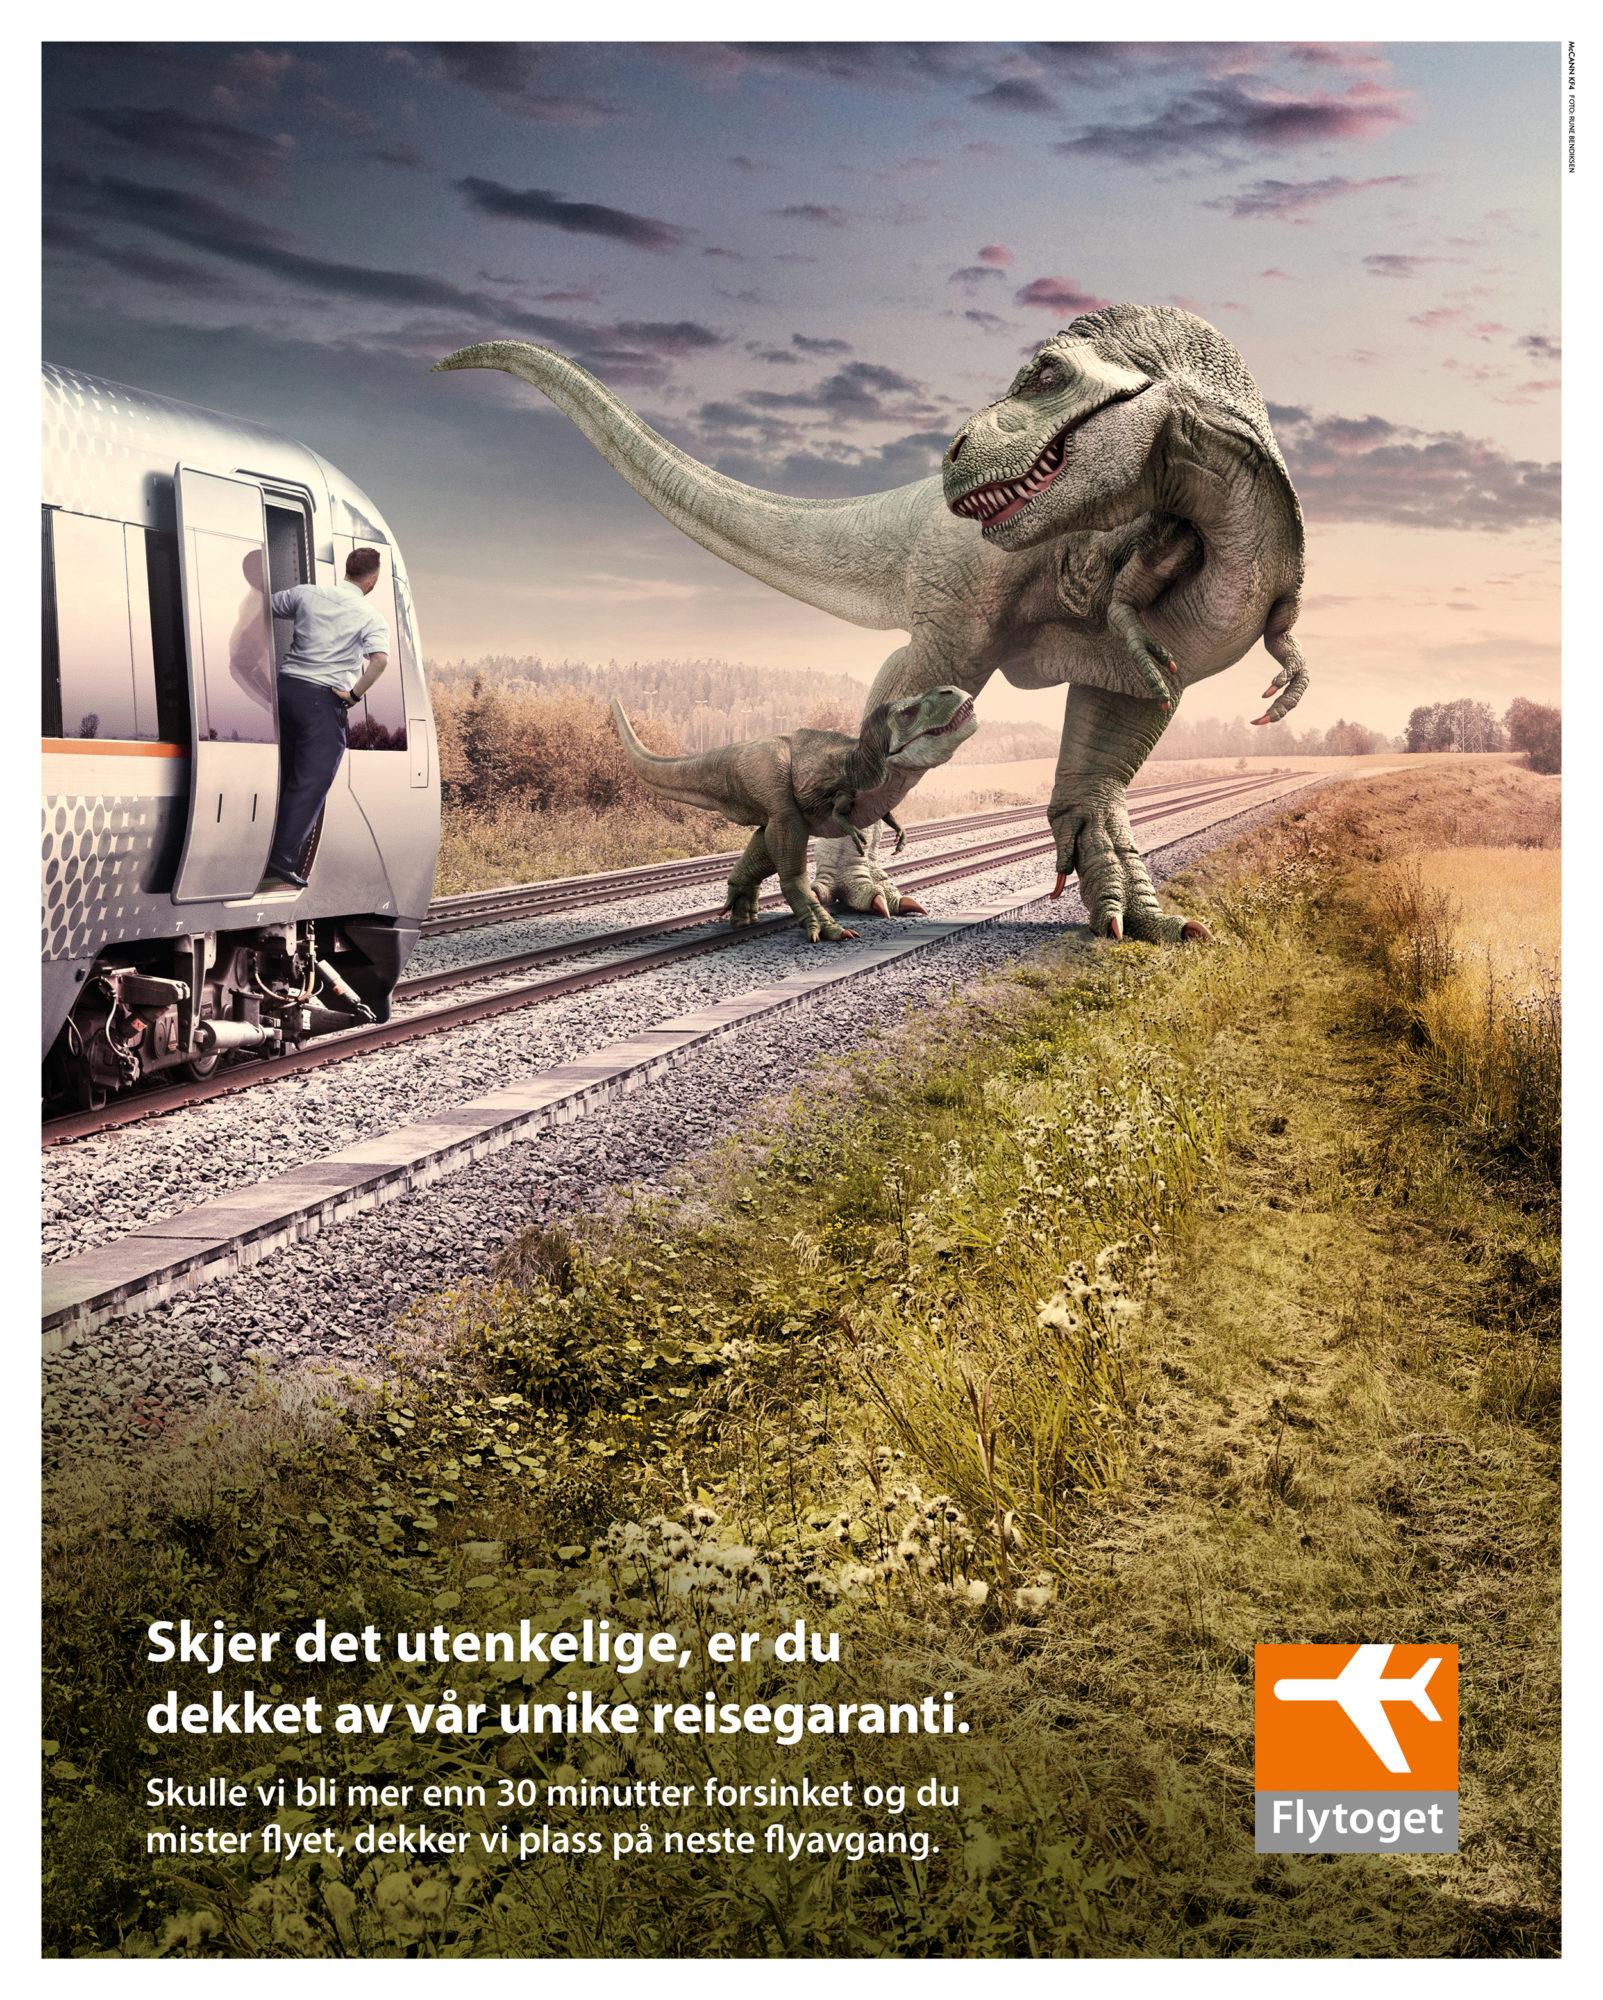 Annonse for flytoget